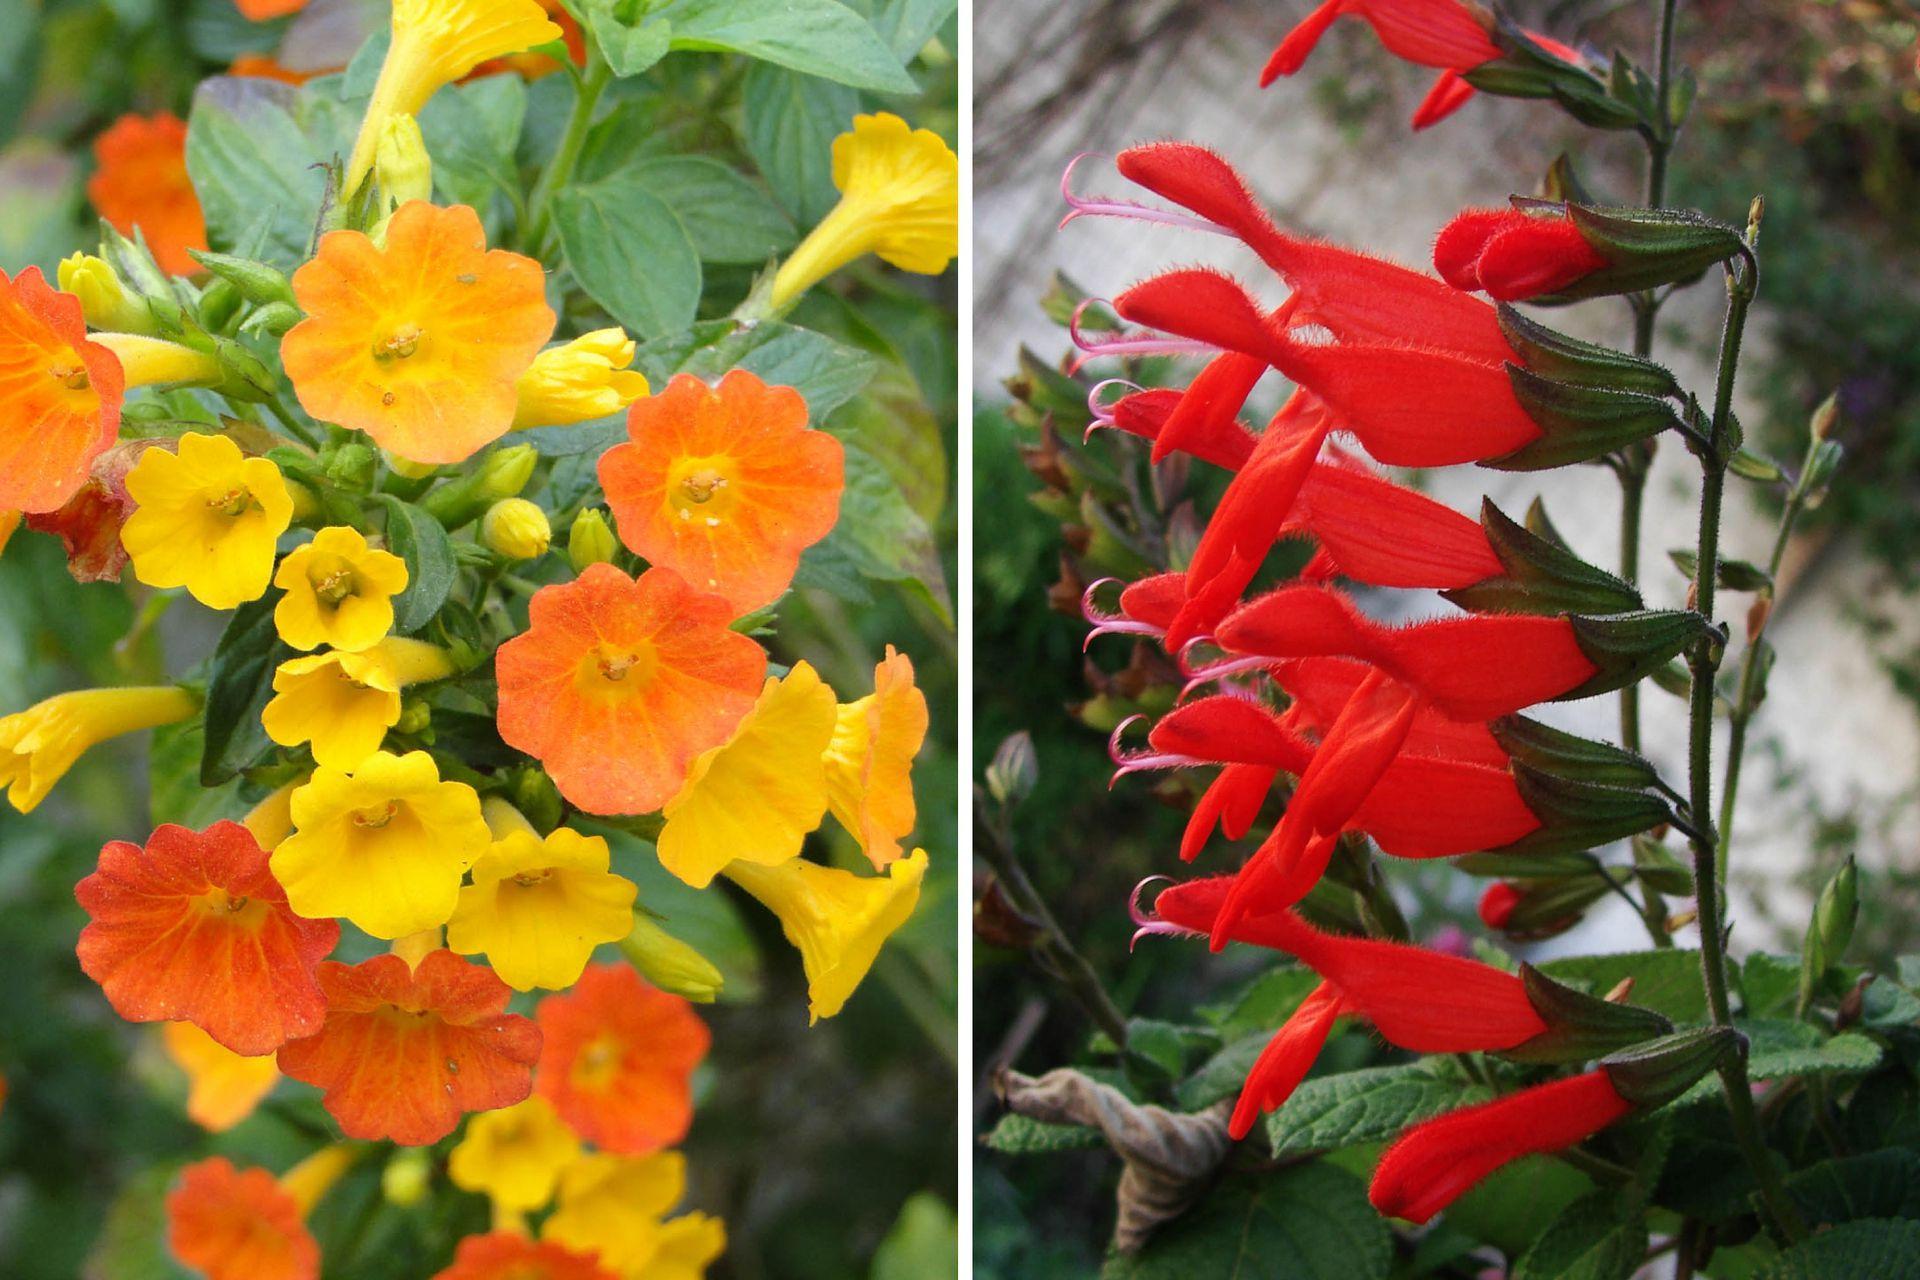 Izq.:Streptosolen jamesonii, conocido como arbusto de fuego. Der.: Salvia gesneriiflora.